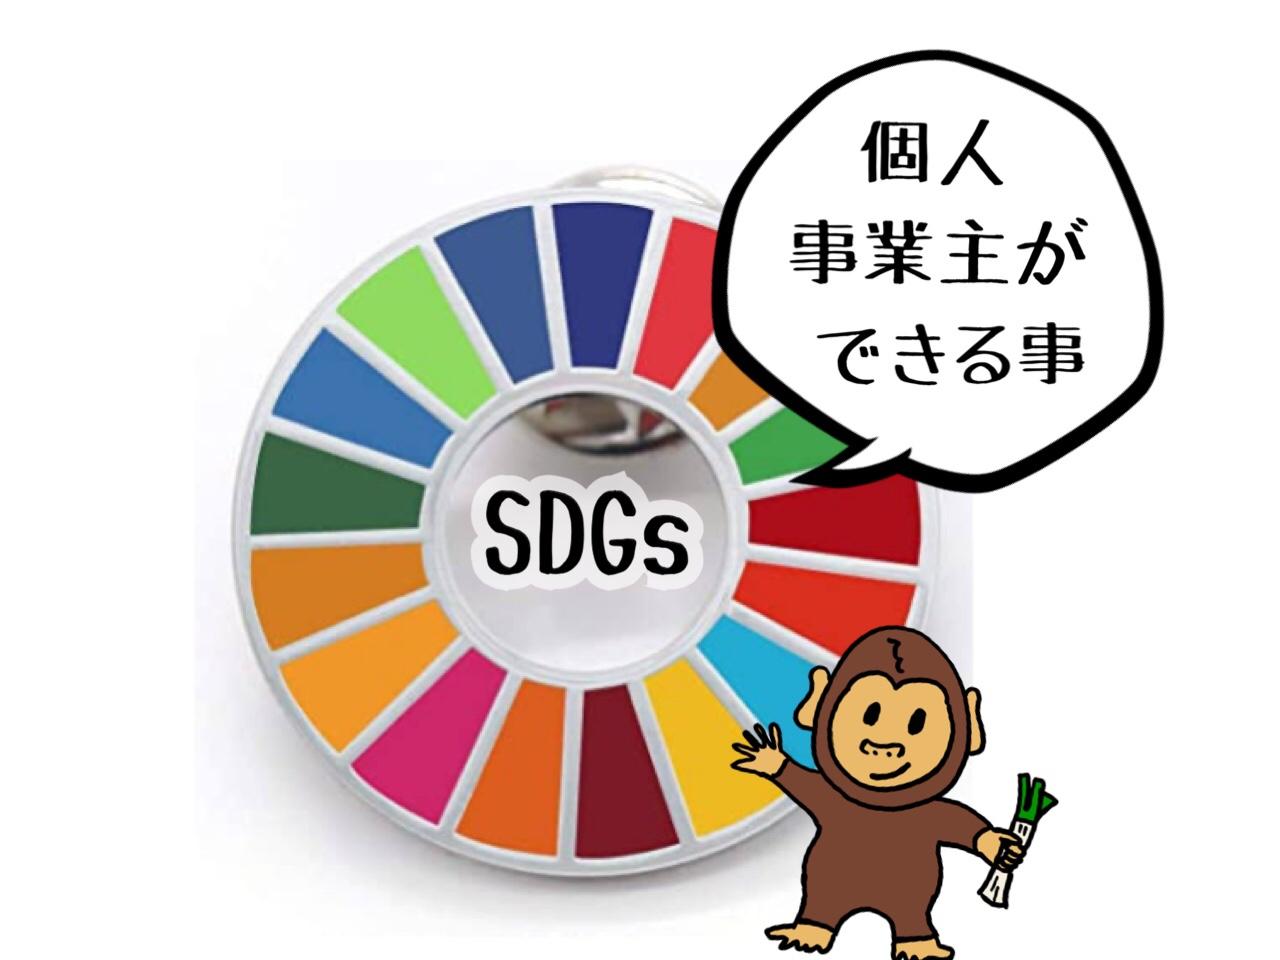 SDGsって難しそう…と思う人でも簡単にできる「SDGs実践3つのステップ」【前編】